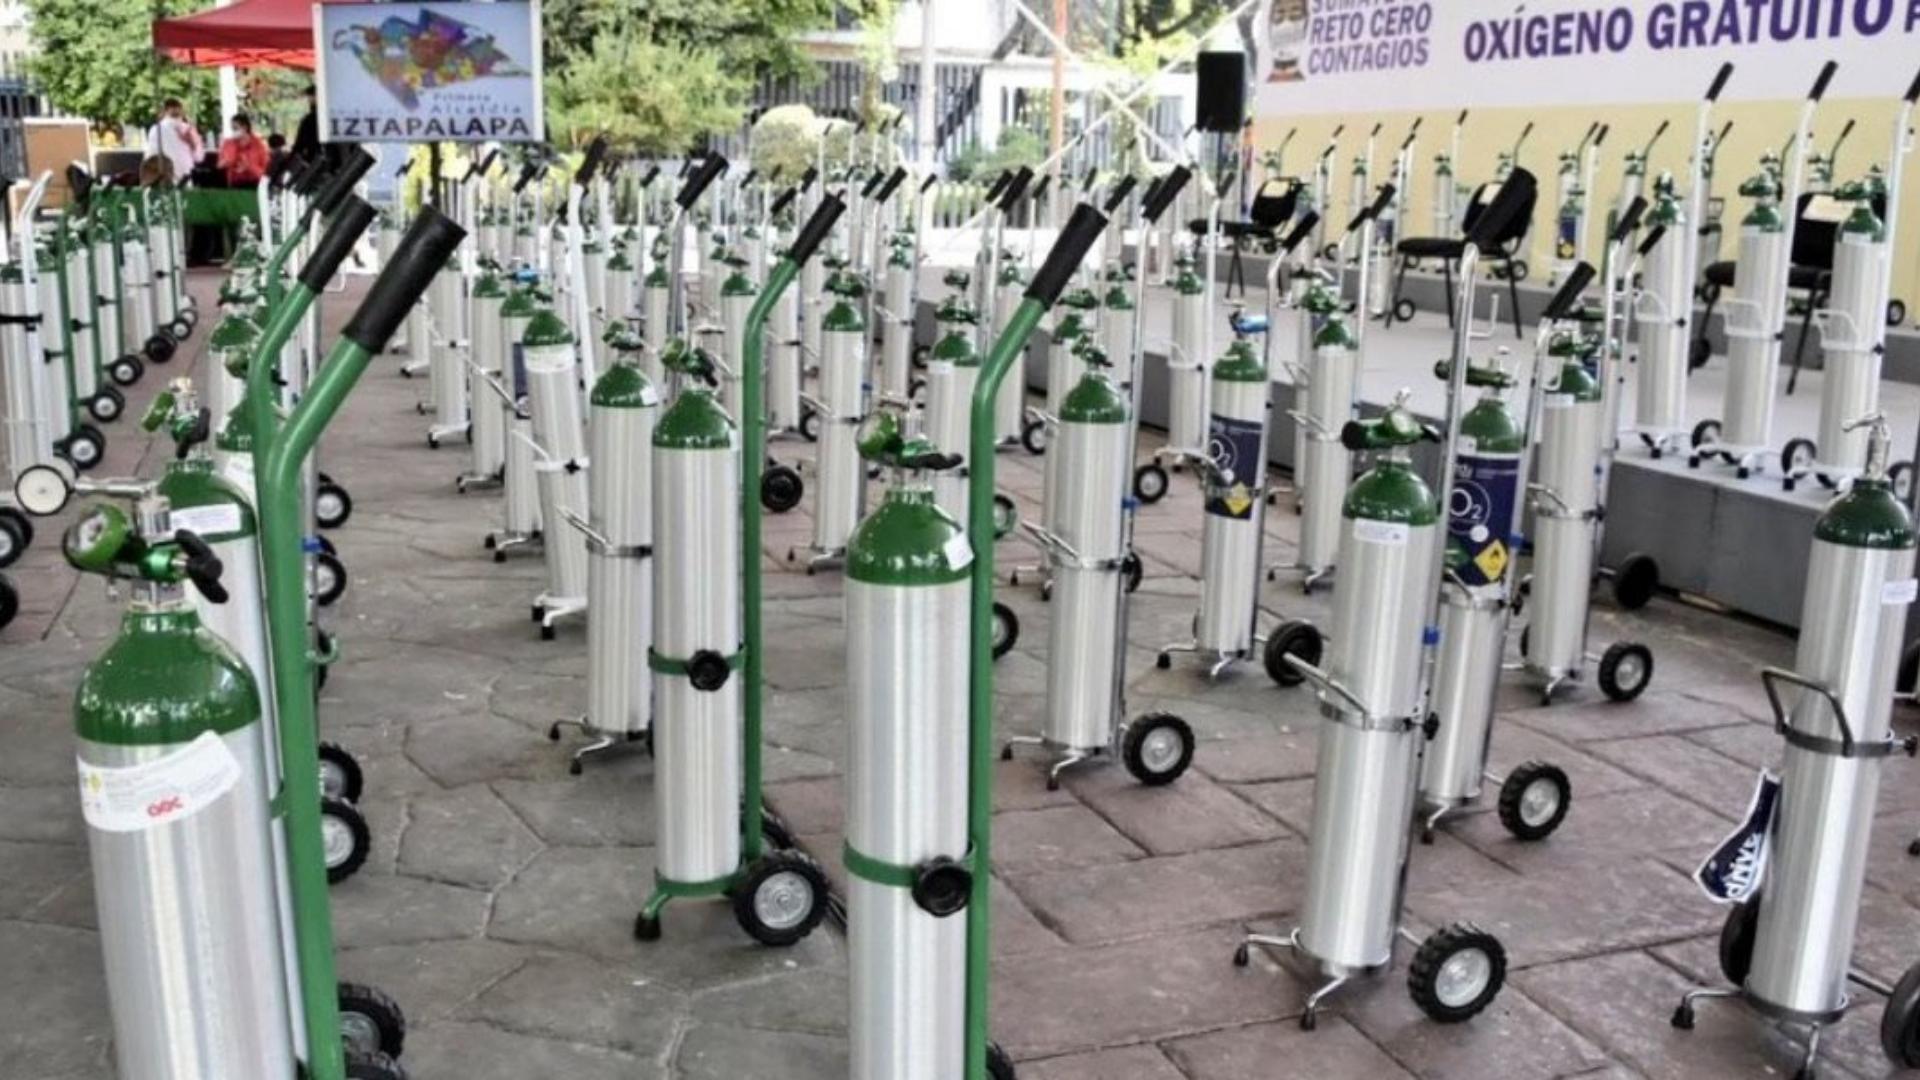 Iztapalapa prestará tanques de oxígeno a los enfermos que lo necesiten